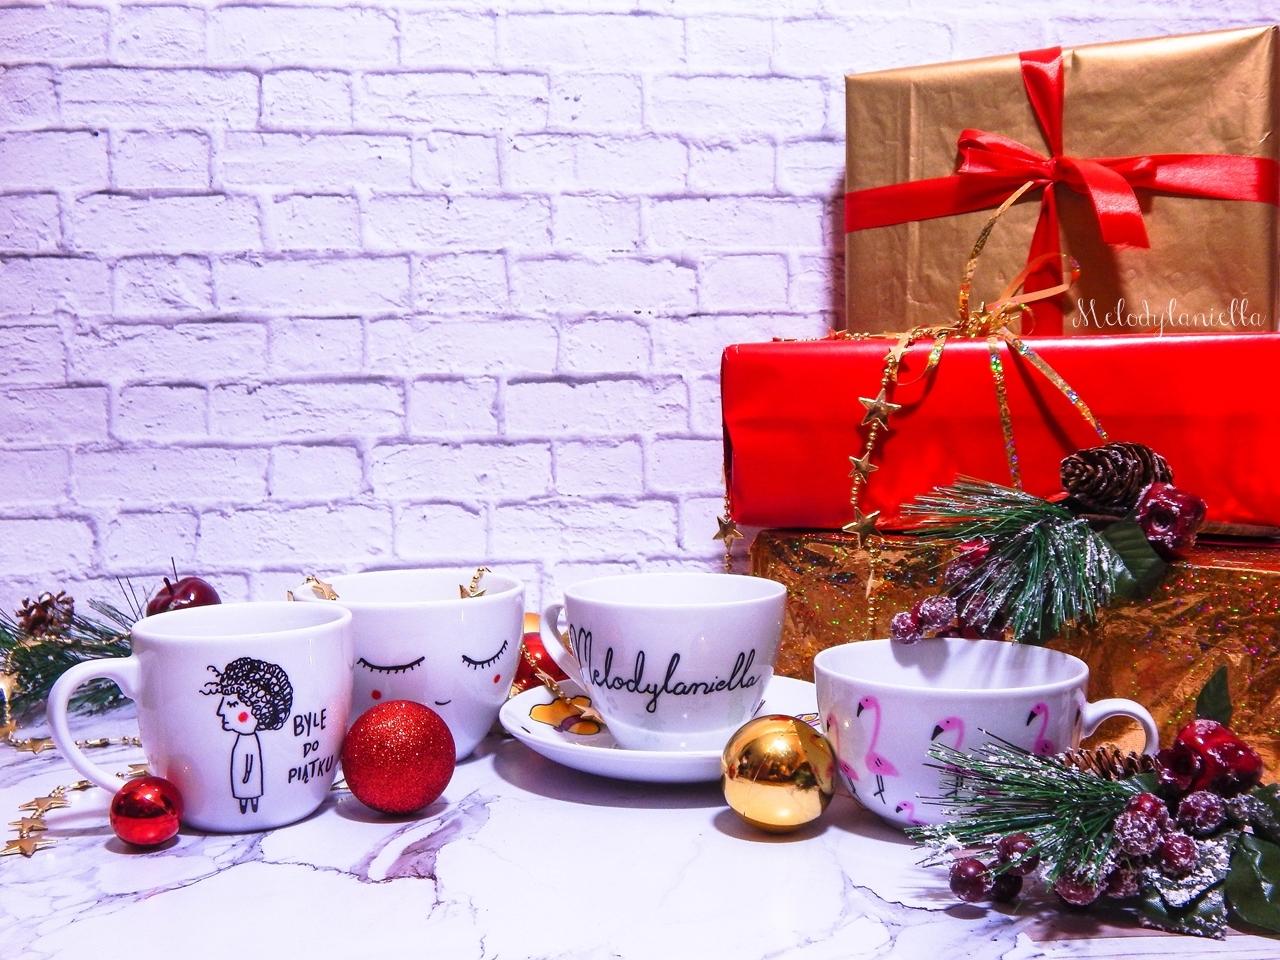 1 pomysły na prezenty ciekawe prezenty na boże narodzenie nietypowe prezenty ręcznie robione filiżanki muki kubki z personalizacją malowana ręcznie porcelana propozycje święta prezenty 2017